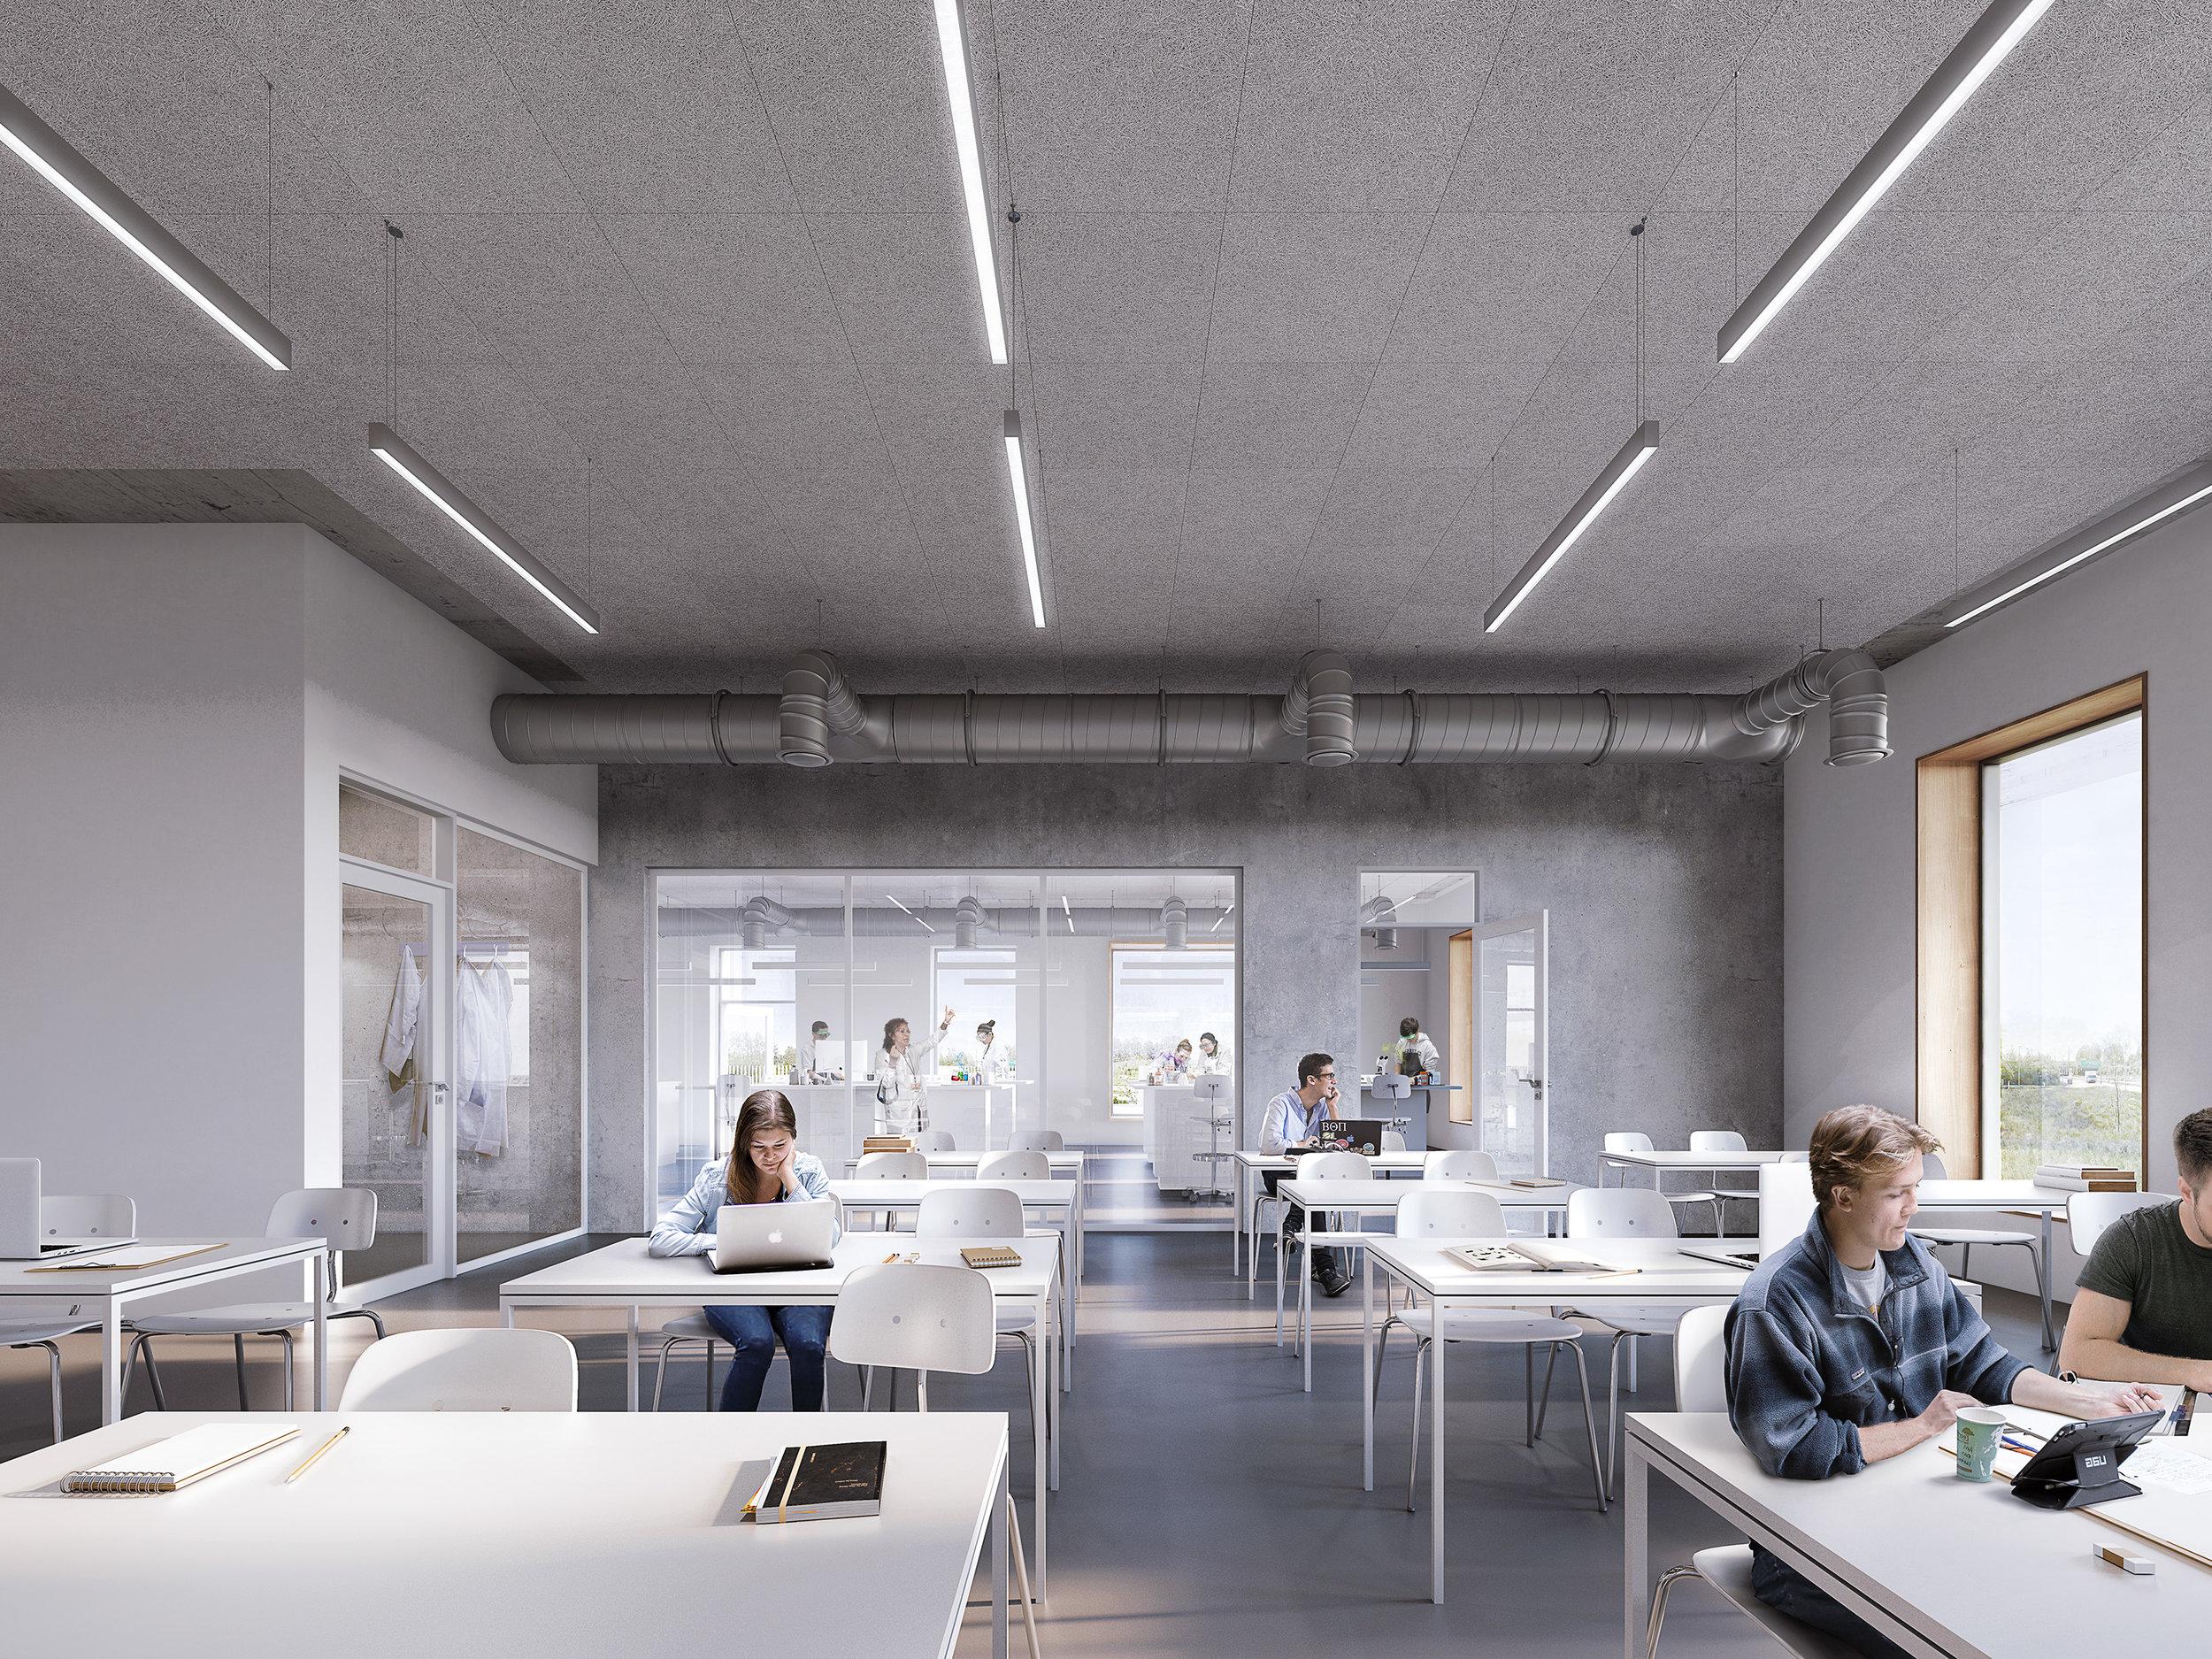 TEC Ørsted. Interior of a technical Highschool in Copenhagen, Denmark.